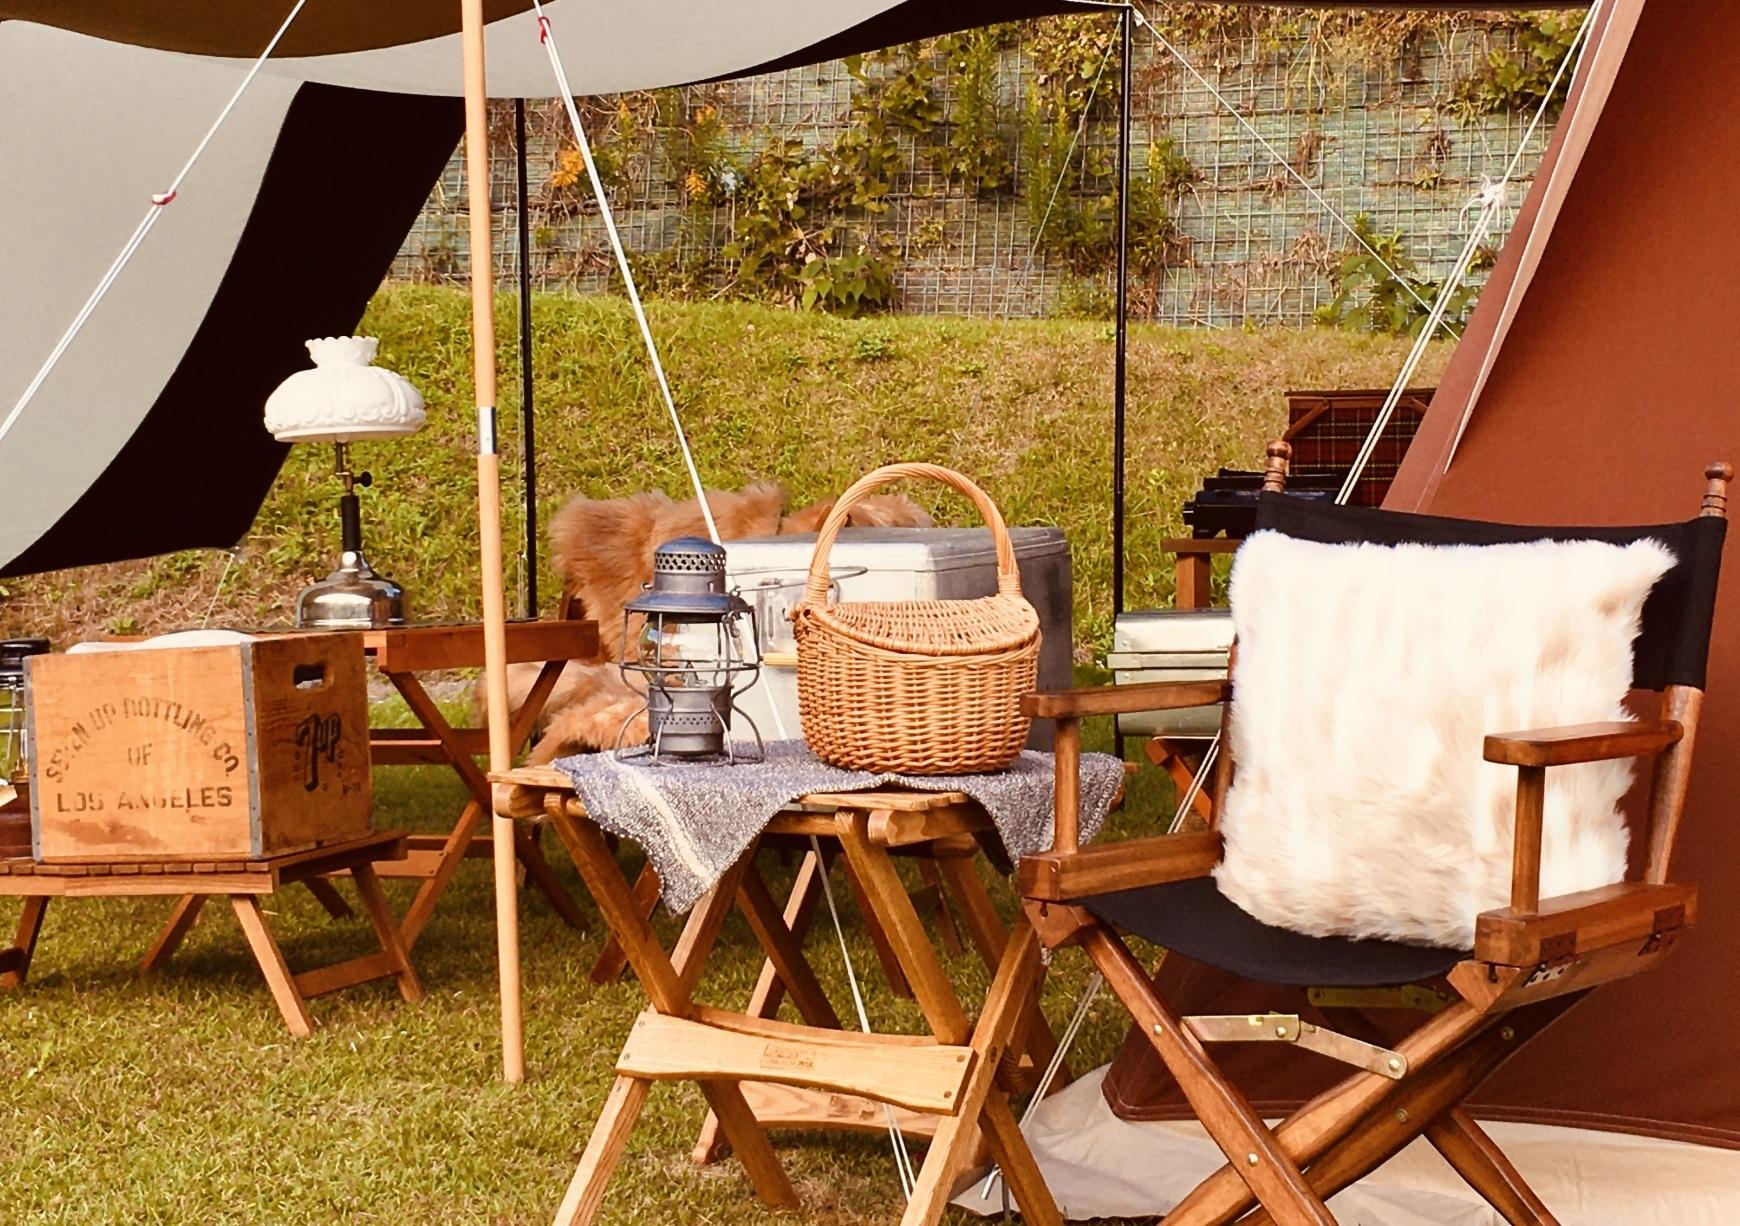 キャンプアンドキャビンズは那須高原の人気キャンプ場!充実の場内設備も紹介!